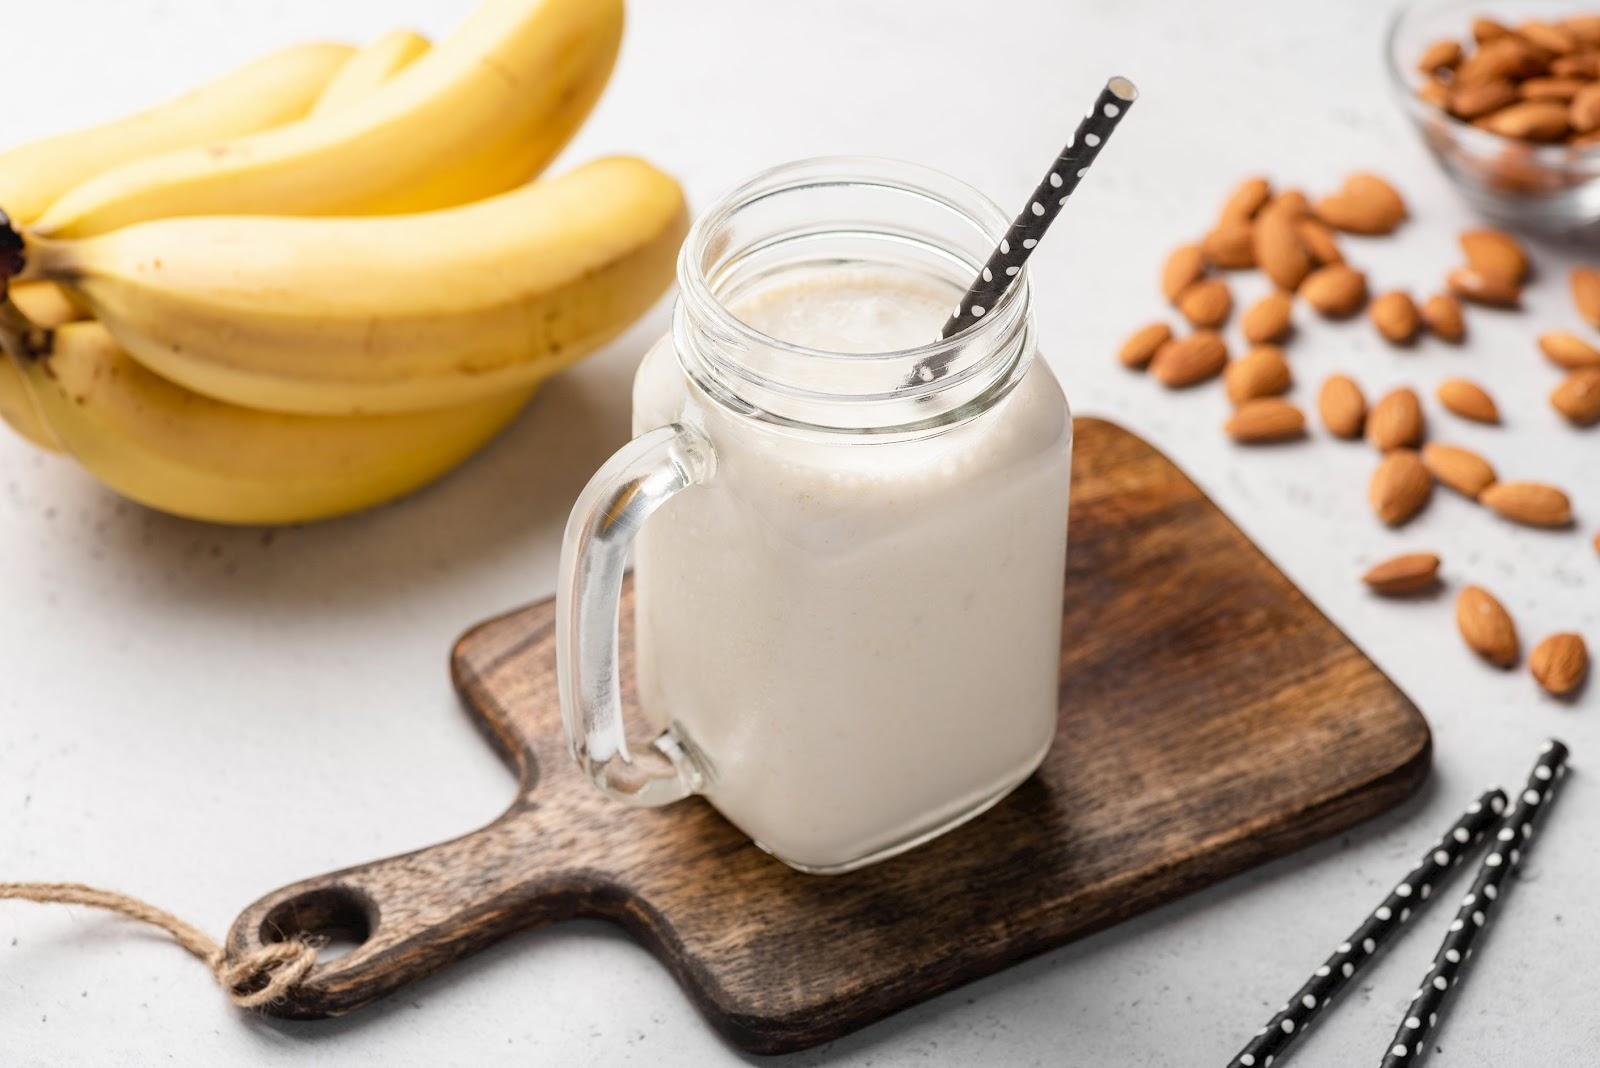 Thuốc tăng lực thiên nhiên từ 5 nhóm thực phẩm kết hợp mang lại gấp đôi dinh dưỡng và hiệu quả bảo vệ sức khỏe cơ thể - Ảnh 3.